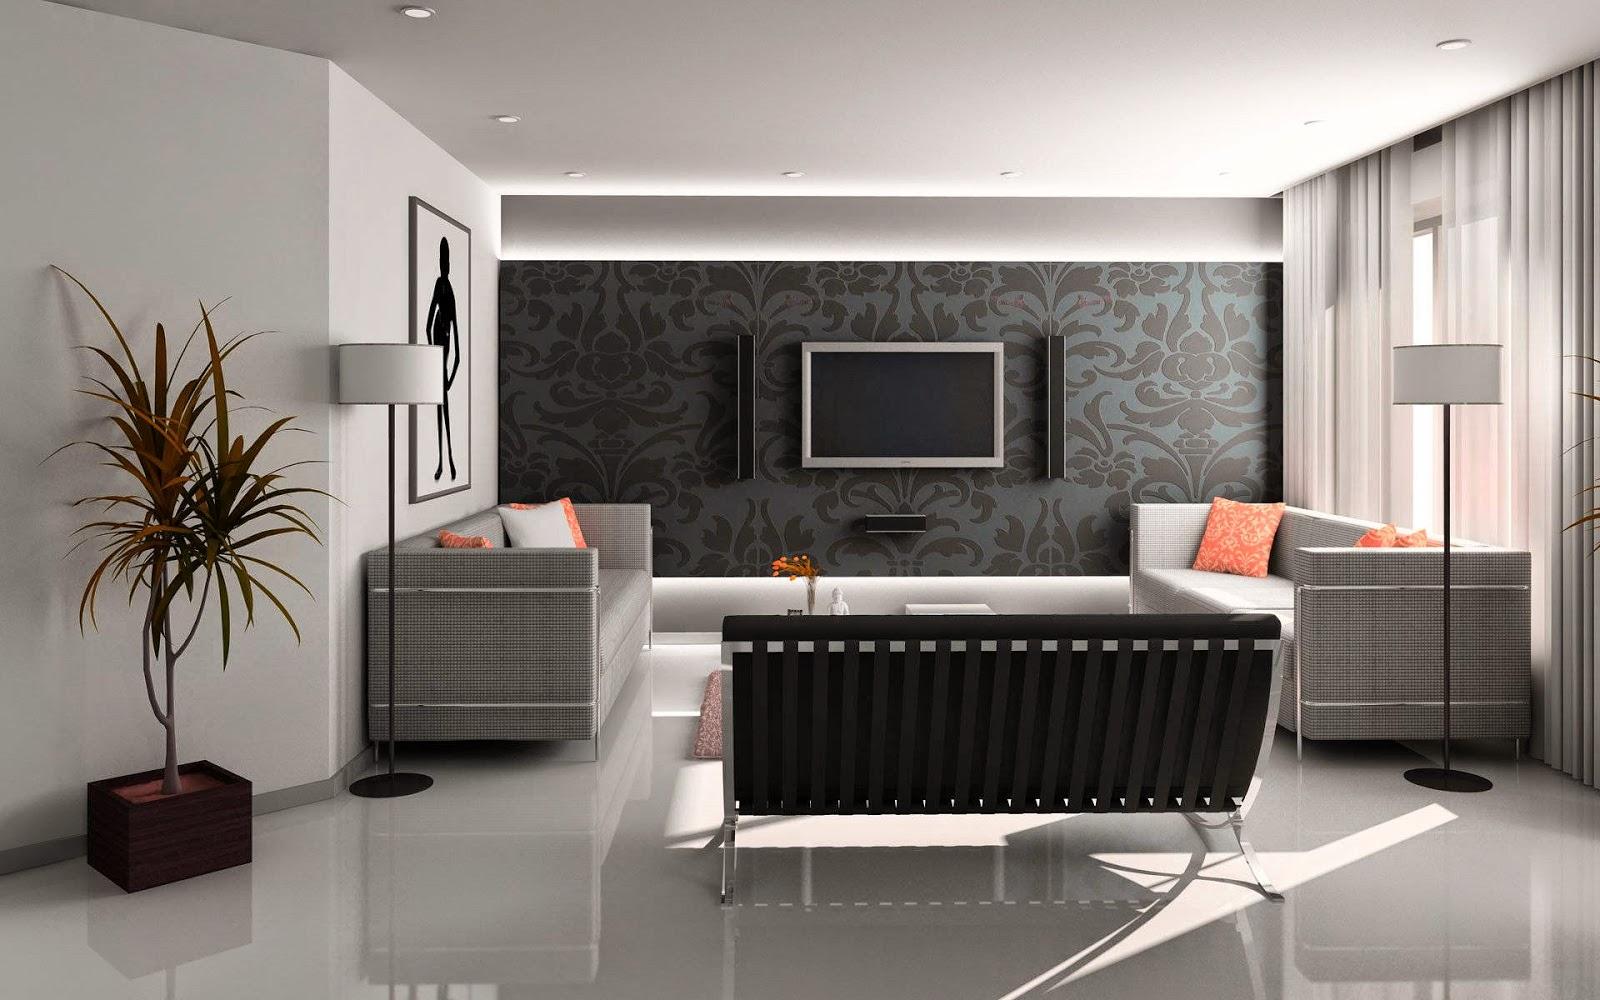 Deco Ruang Tamu Hitam Putih Desain Kamar Rumah Minimalisdesain